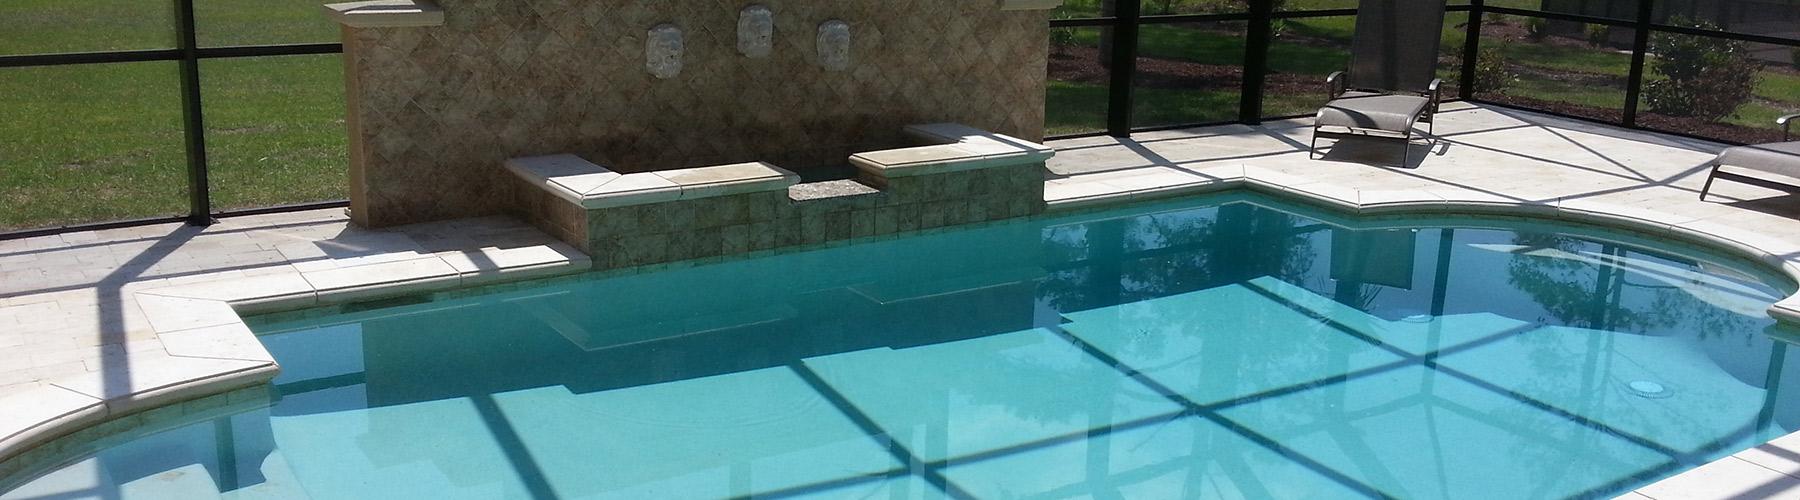 Swimming Pool Customers